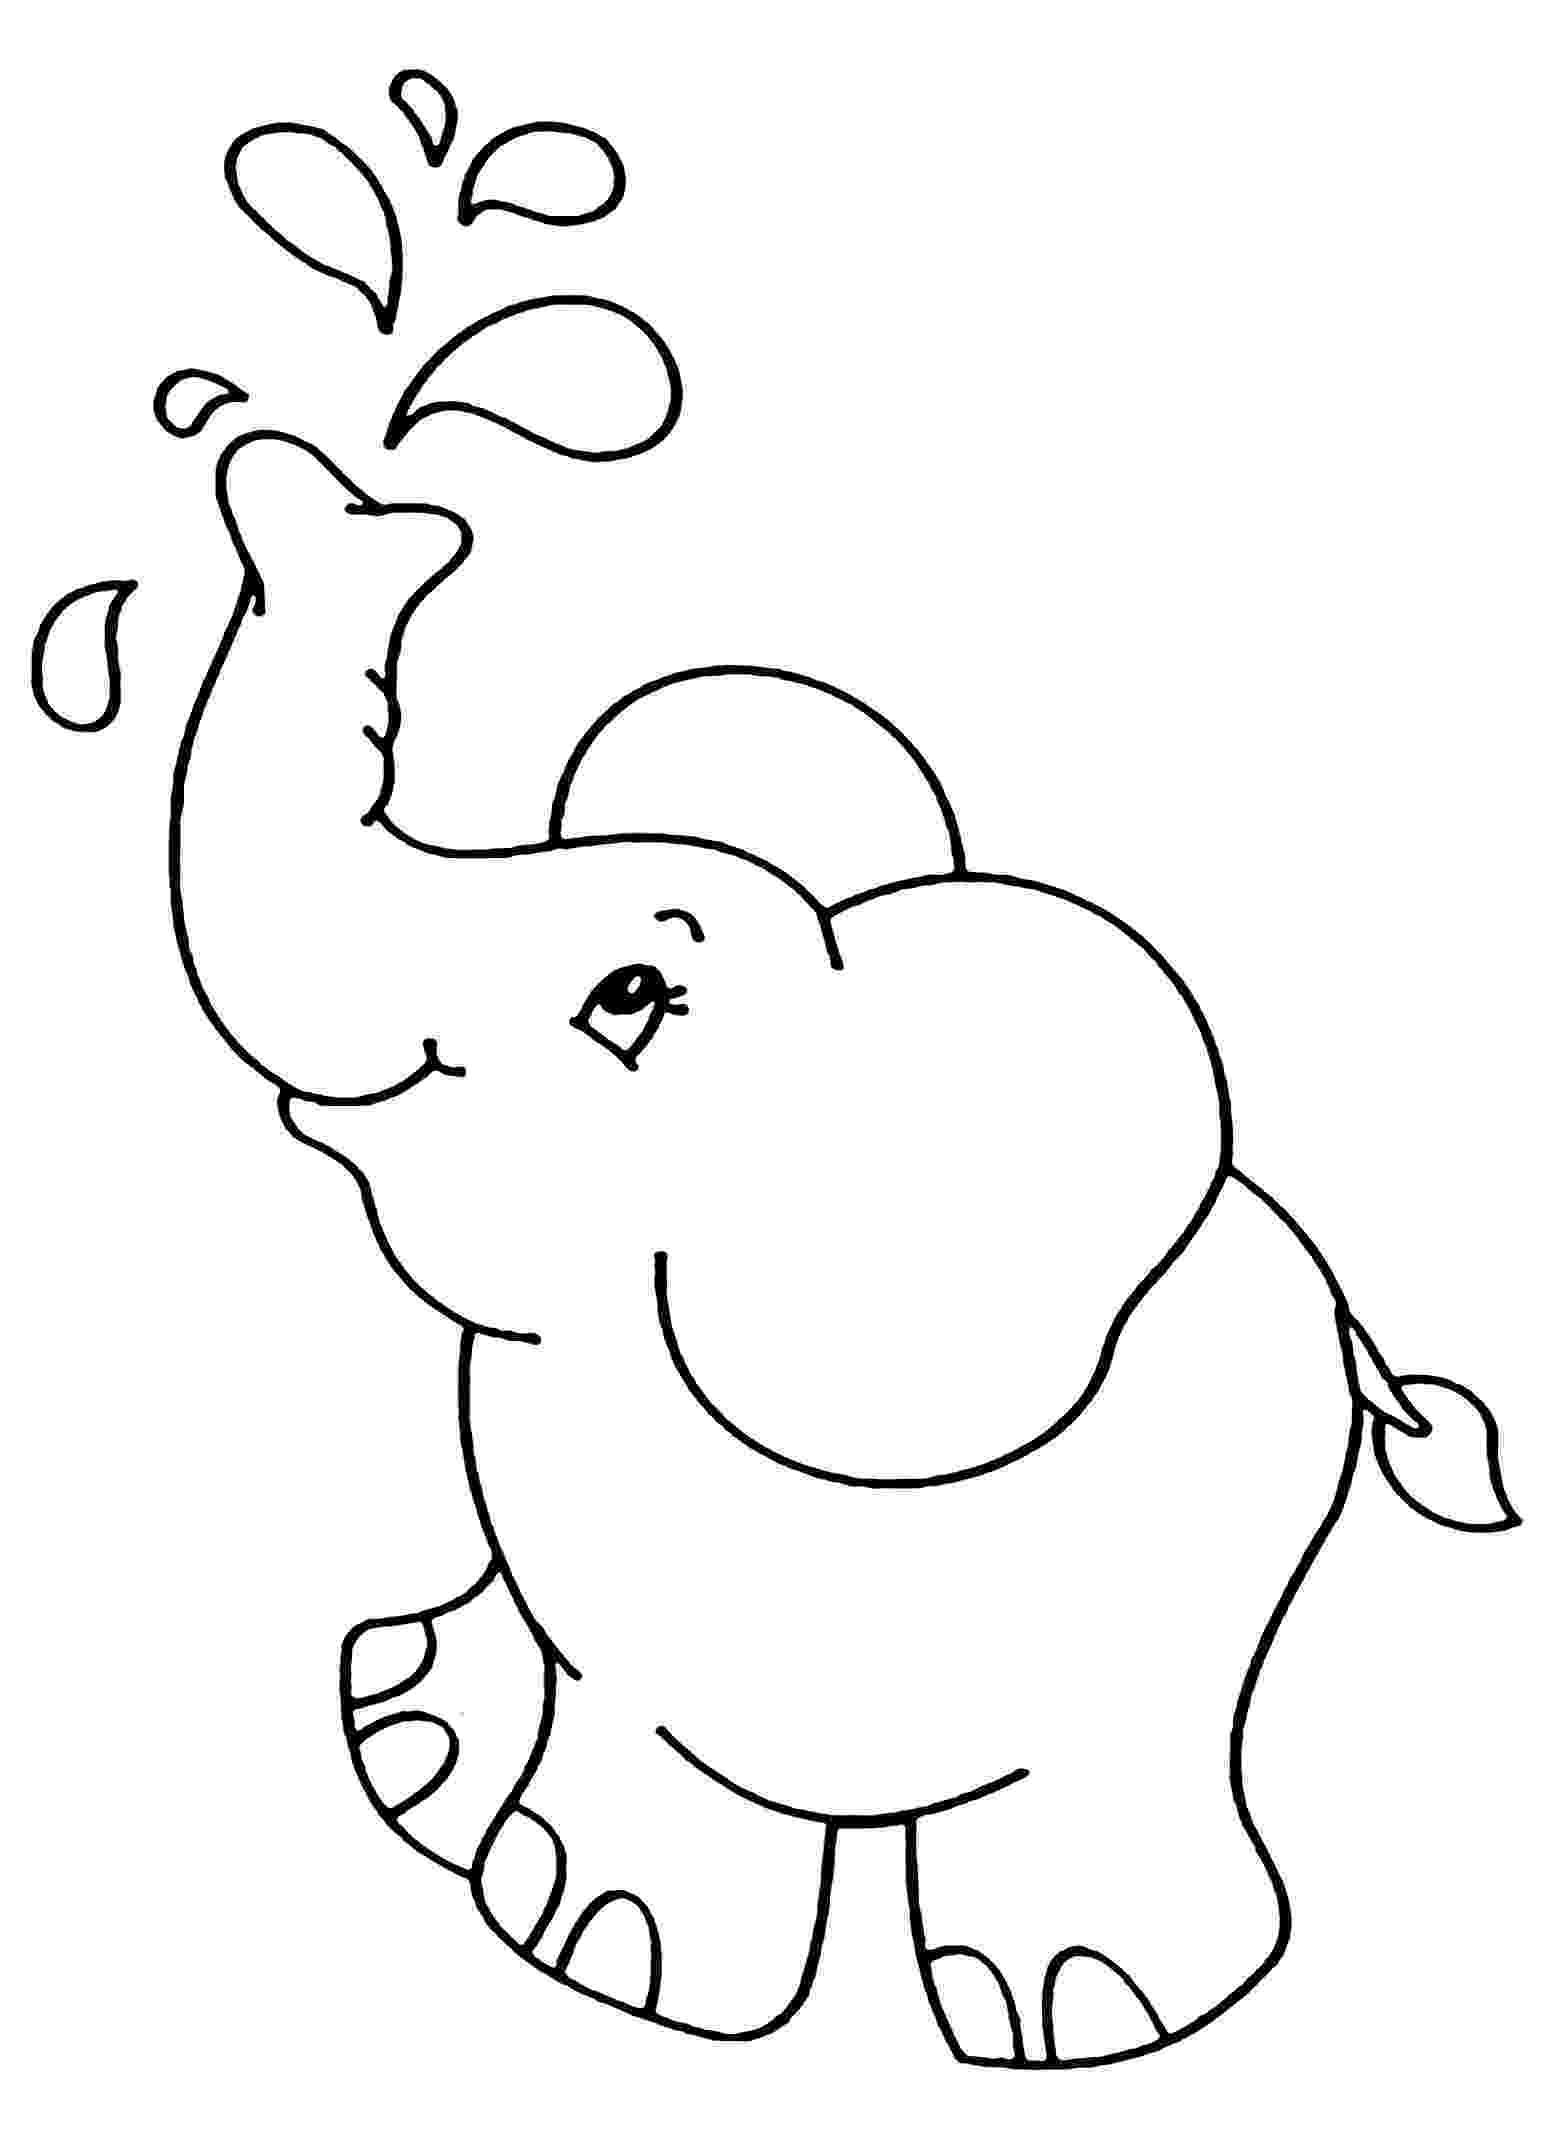 elephant color sheet elephants free to color for kids elephants kids coloring elephant color sheet